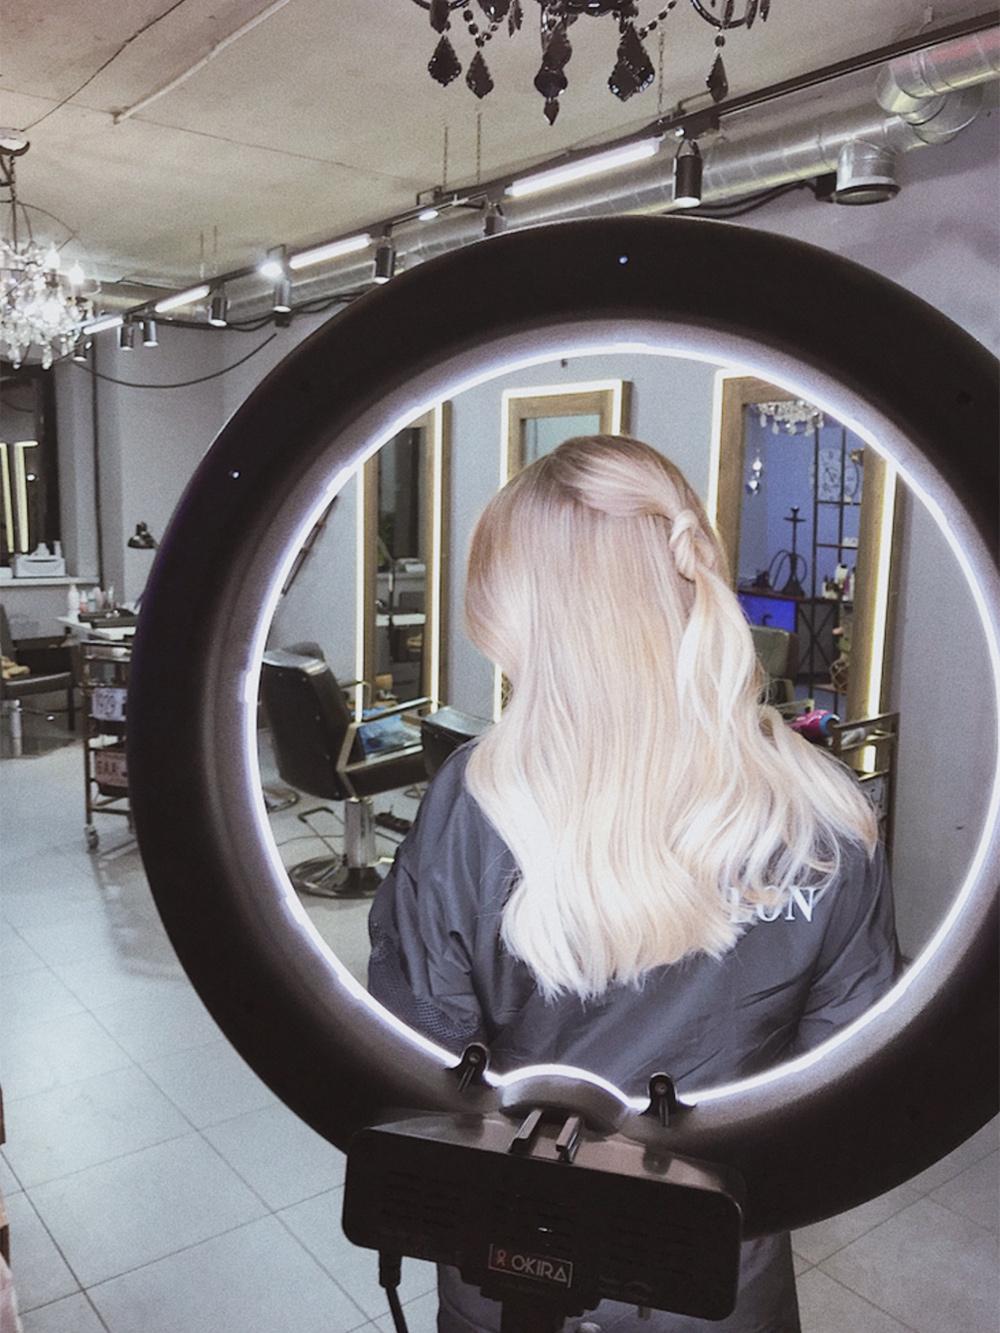 Оказалось, что парикмахеру в салоне необходим свет дляфото